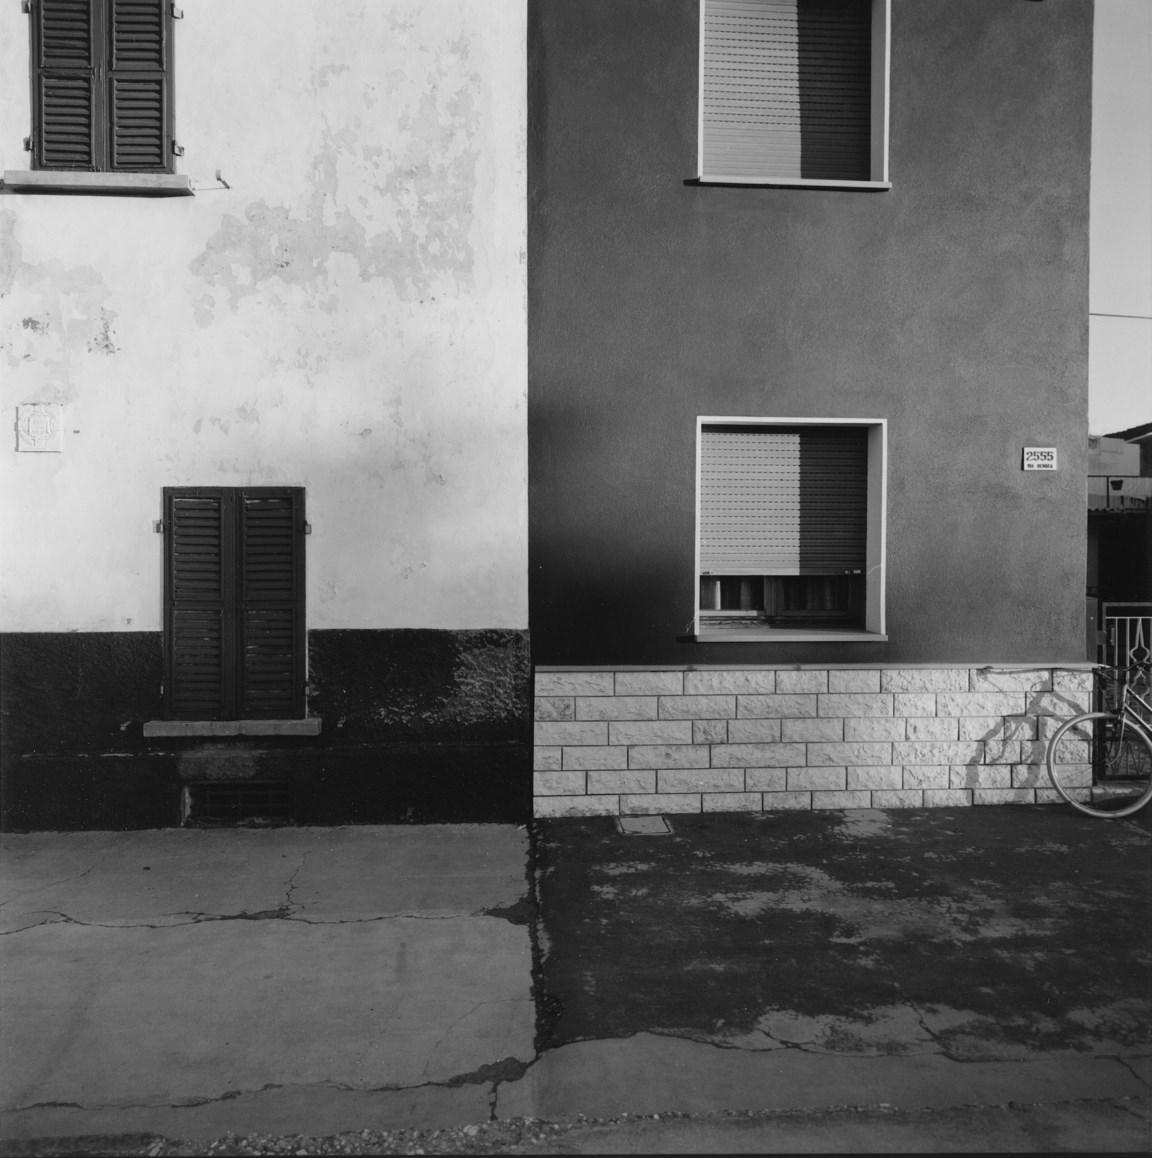 Cesena (1980) © Guido Guidi